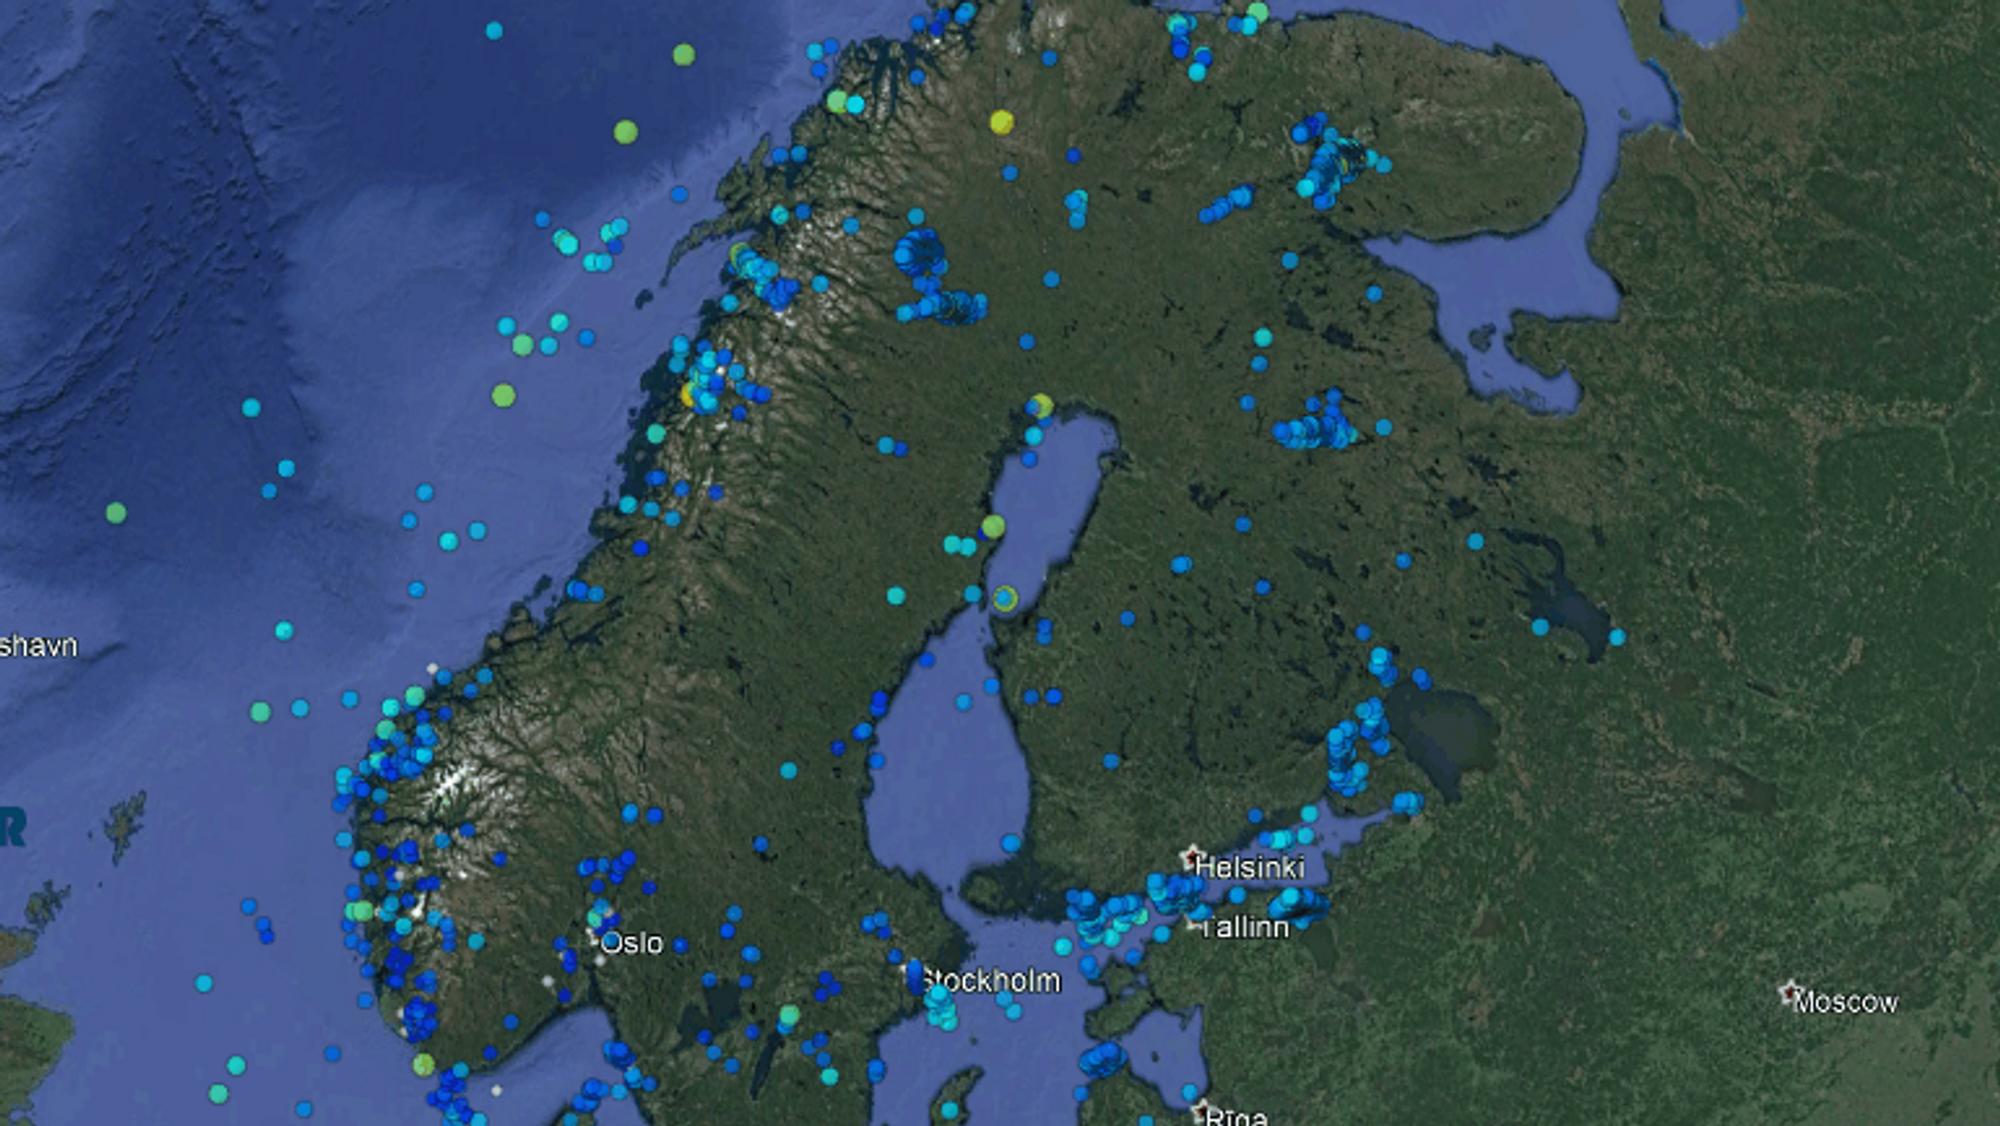 Etter årtier med seismiske målinger mener Norsar det er forsvarlig å lempe på kravene til sikkerhet mot jordskjelv.